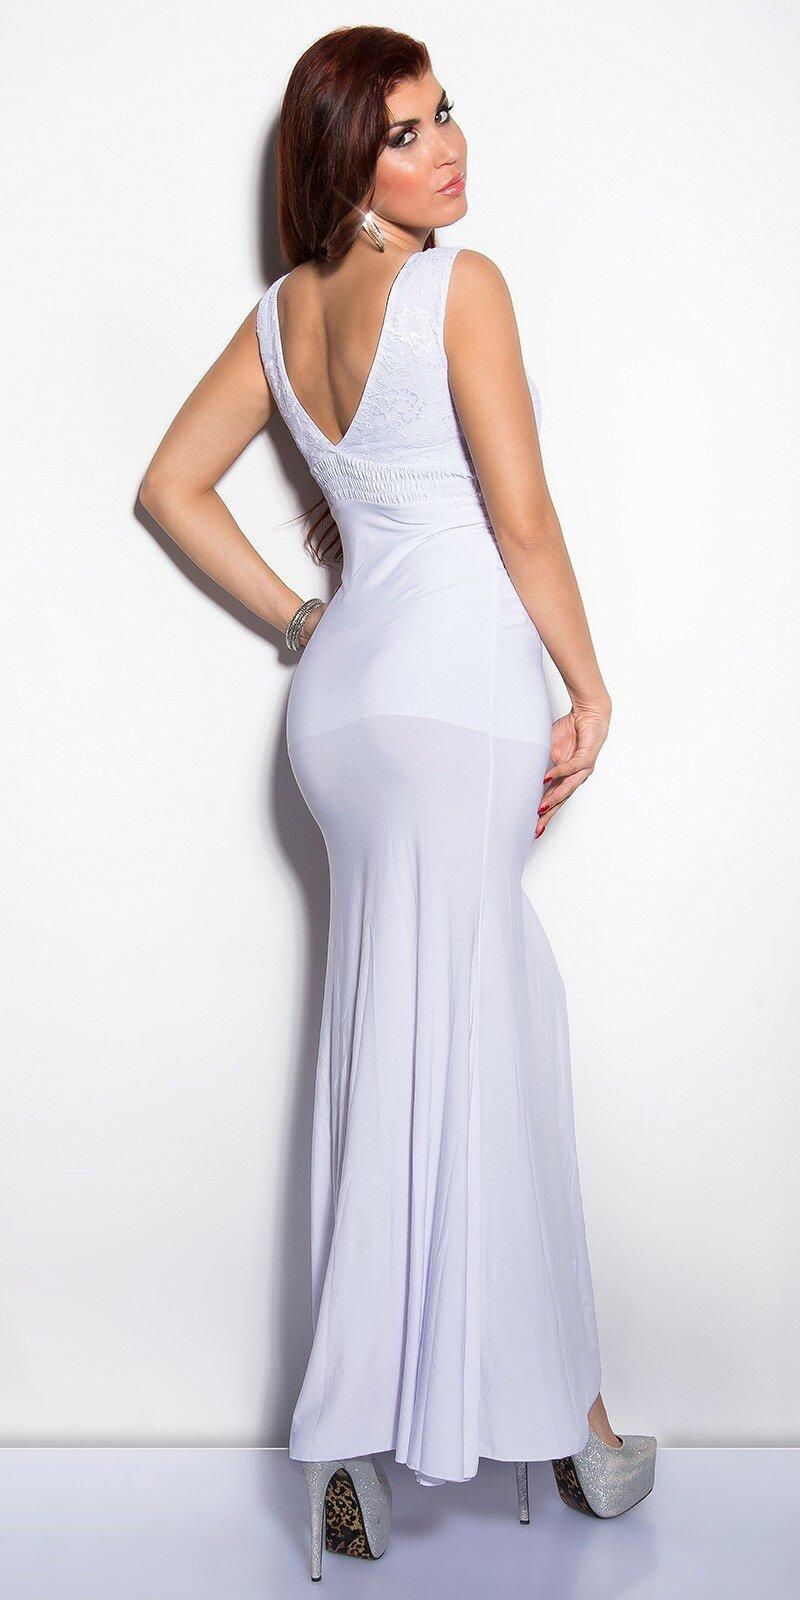 Elegantné maxi šaty zdobené veľkými kamienkami - NajlepsiaModa.sk d0b05ec4567